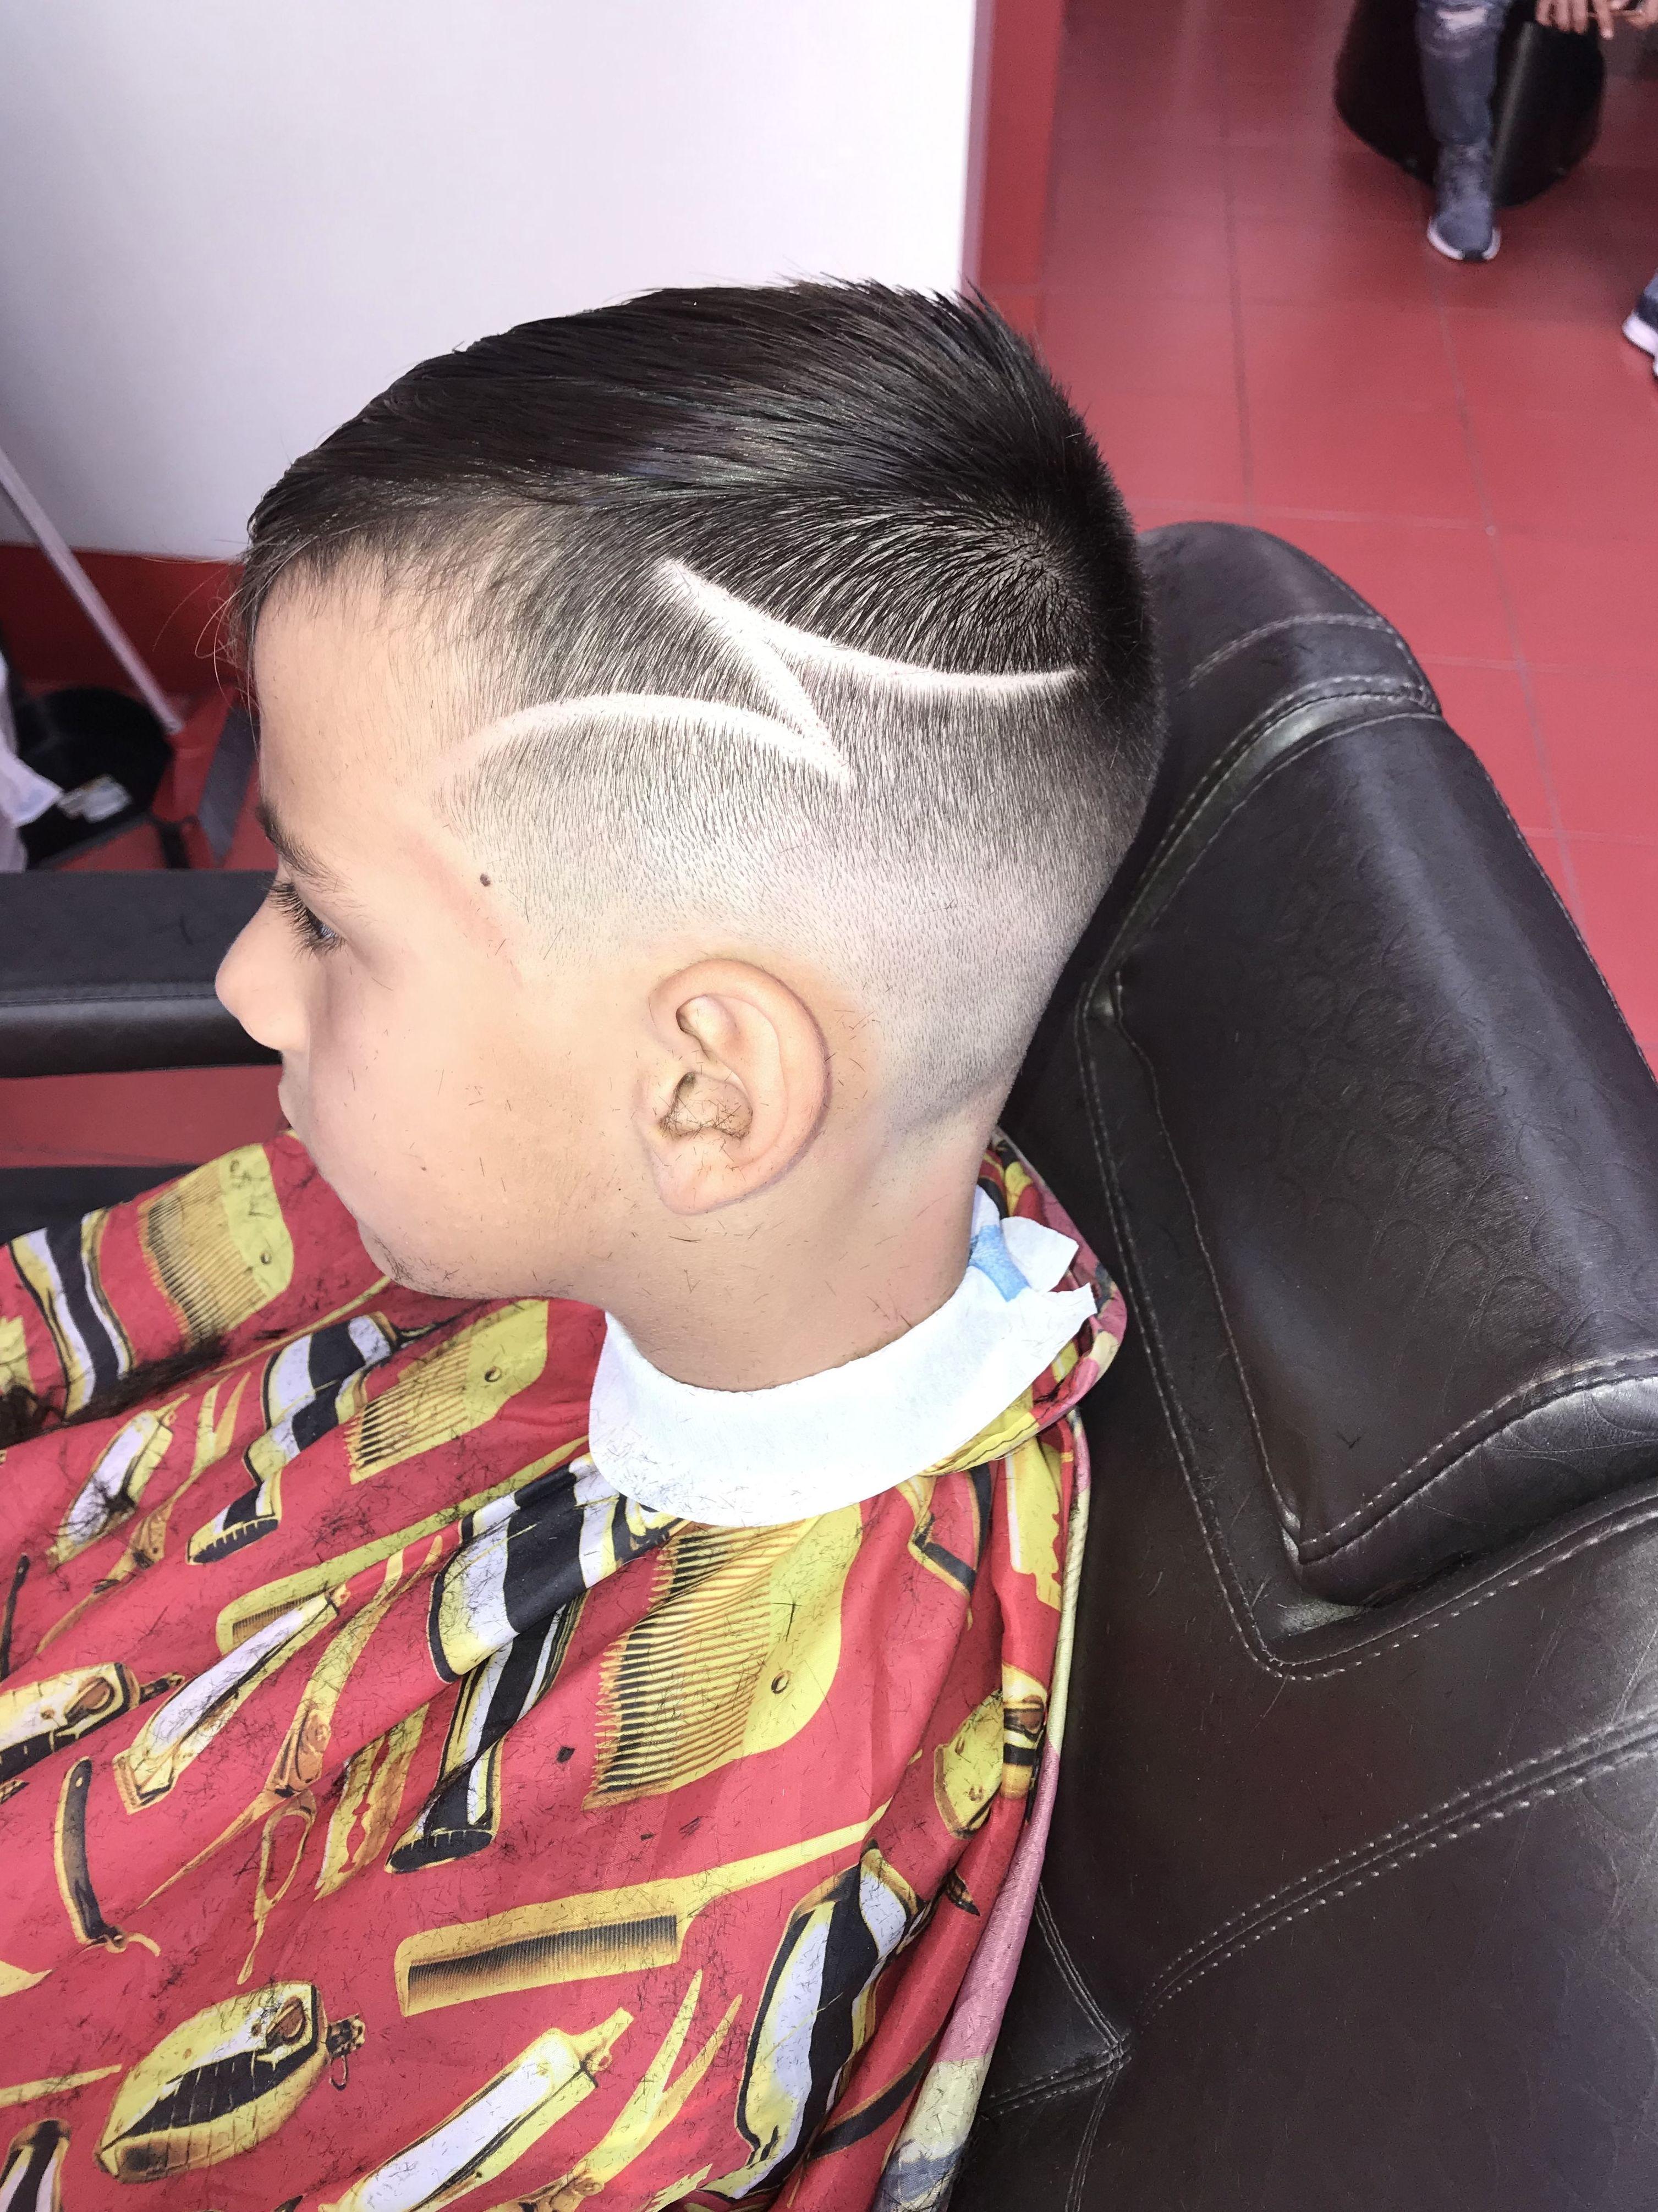 Foto 11 de Peluquería unisex y barbería en  | Janlet Barber Shop Unisex